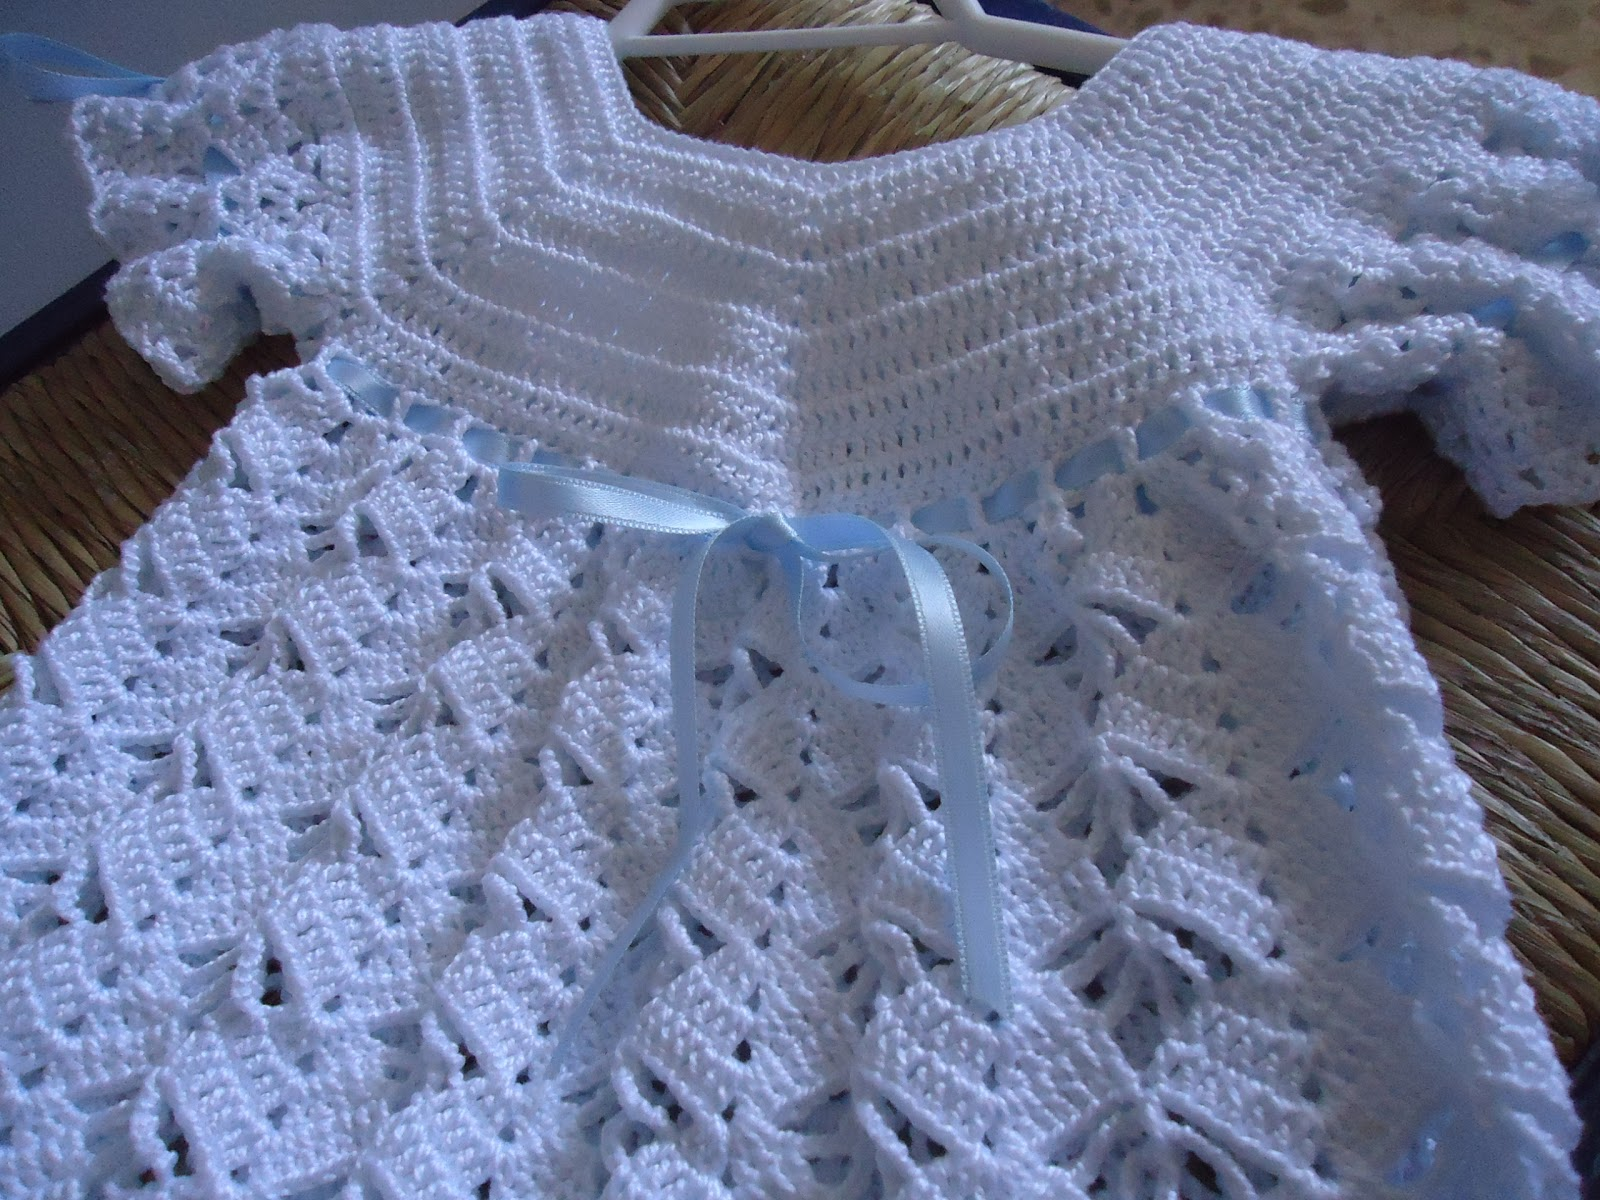 vestidos de niña a crochet patrones como hacer vestidos de niña en crochet  vestidos para niña tejidos a crochet vestido ganchillo niña como hacer un  vestido ... d1017e469e0